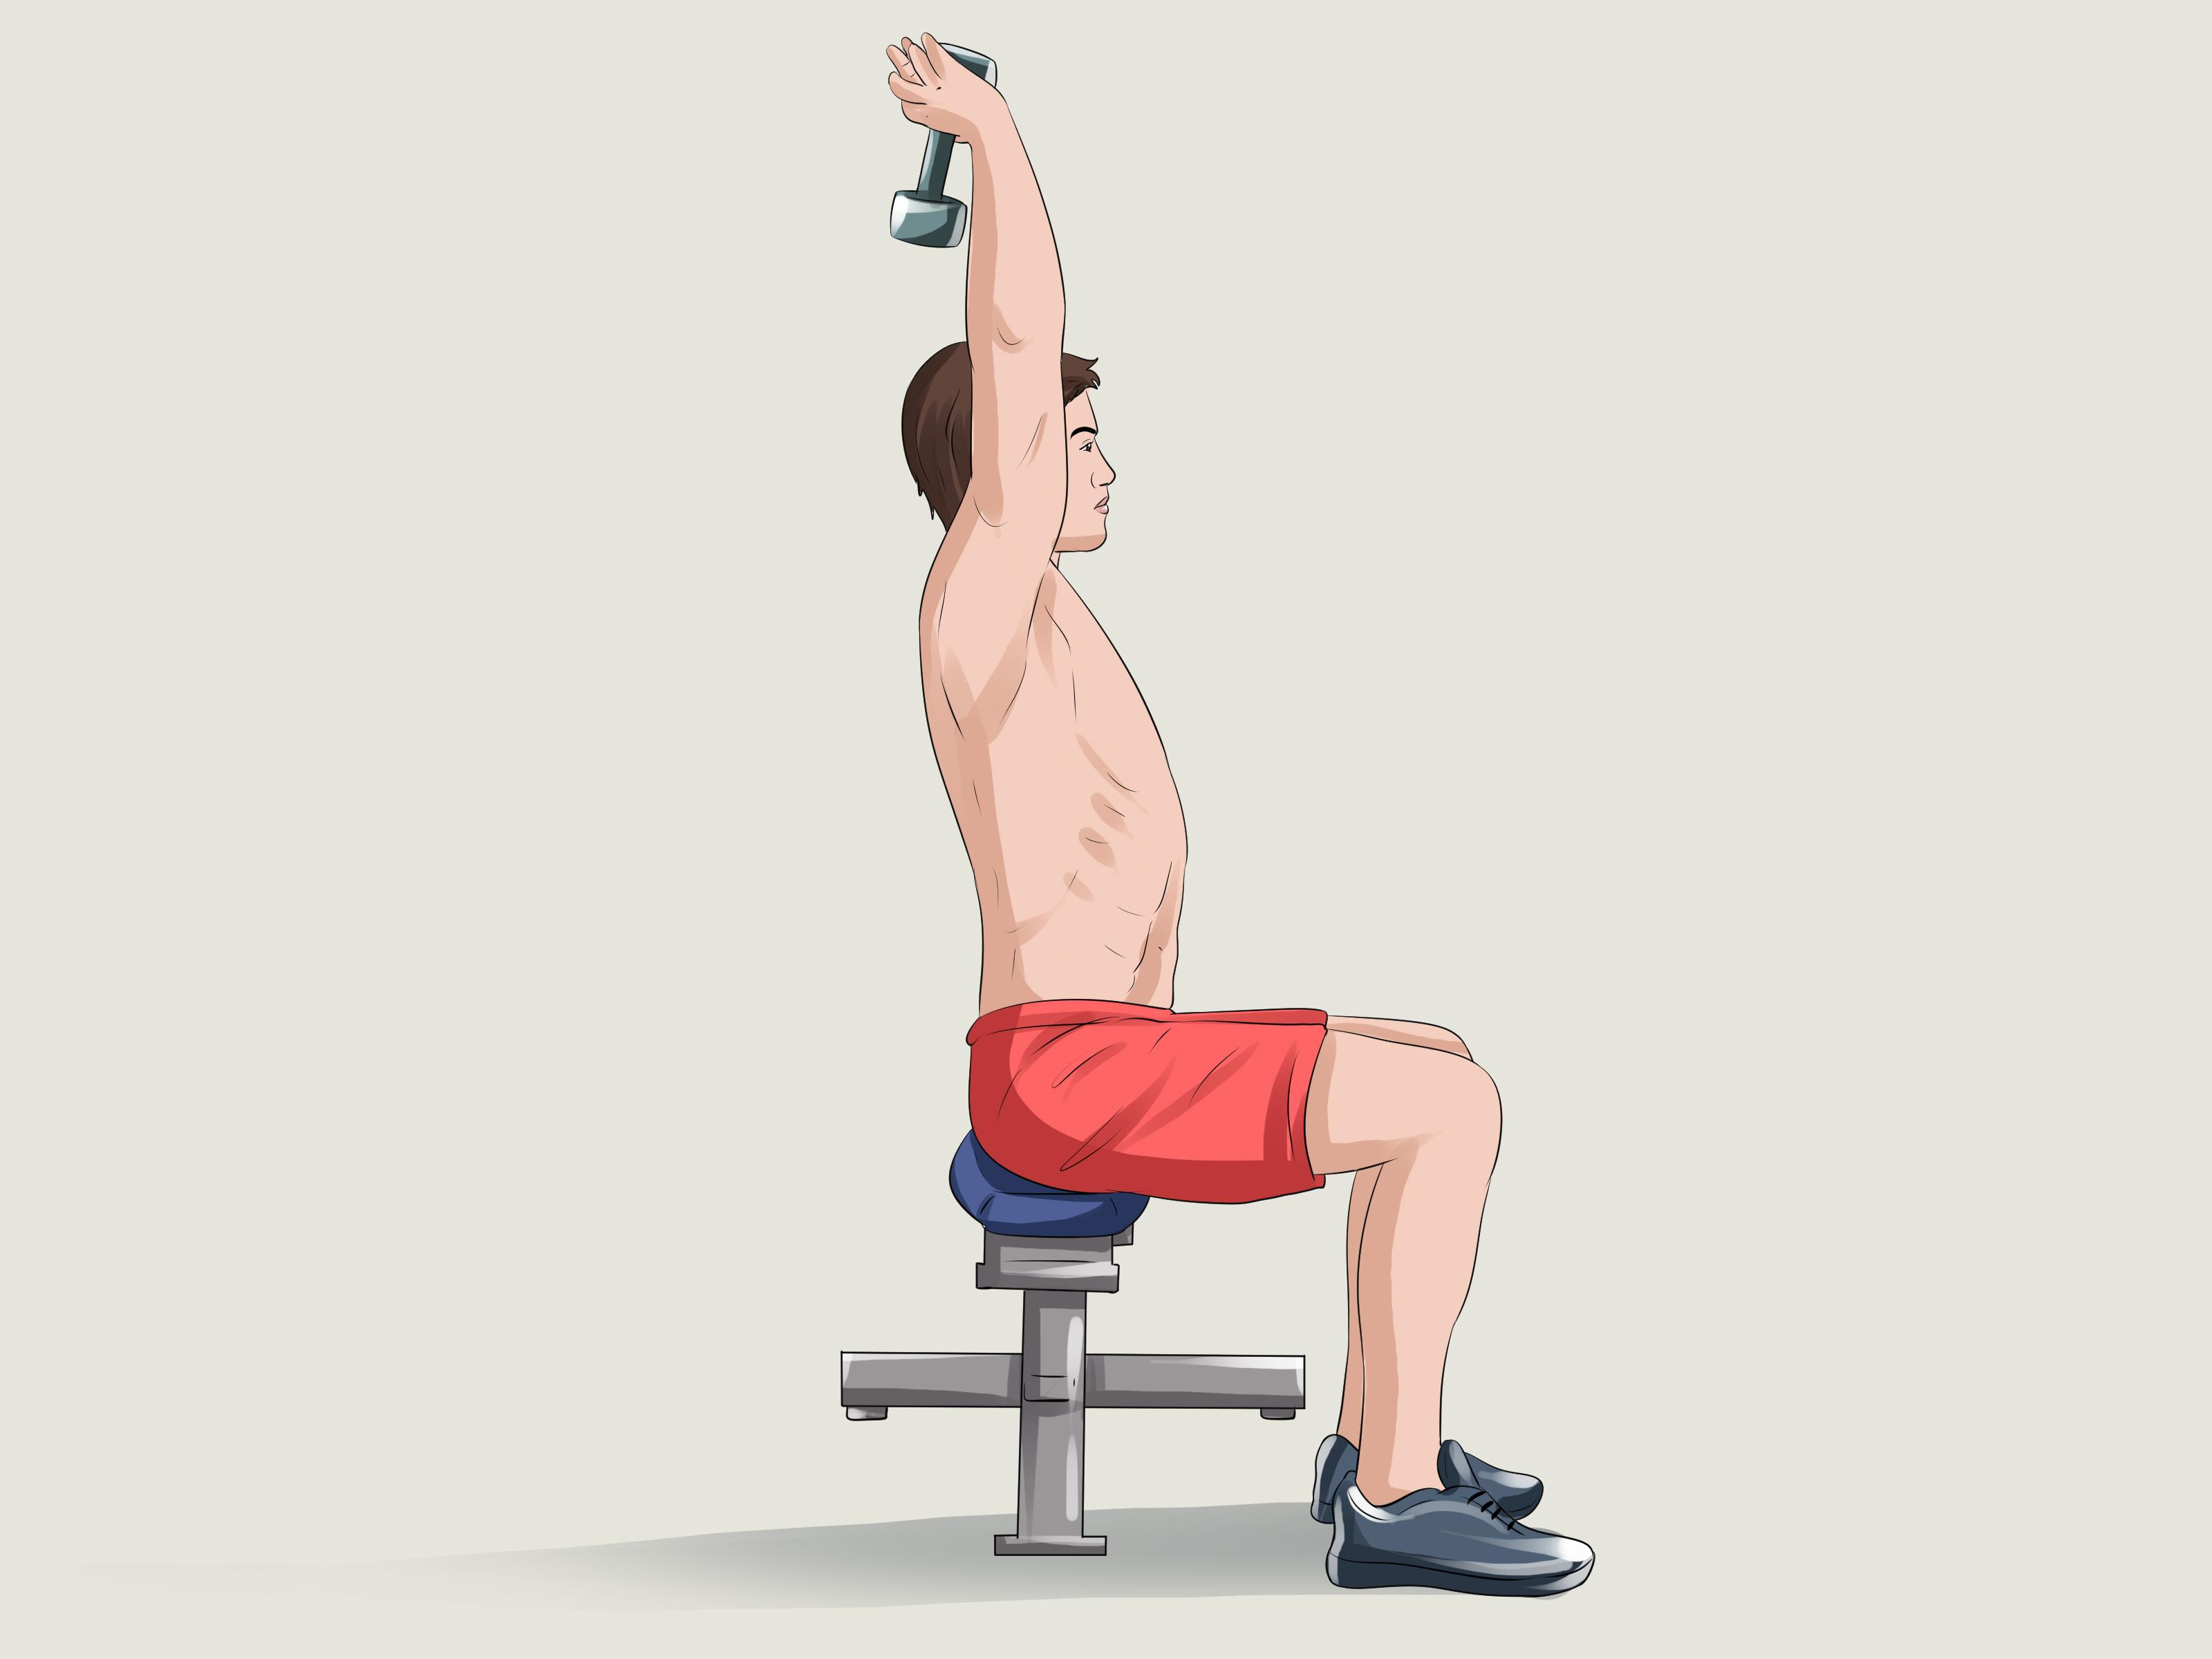 Разгибание рук с гантелью из-за головы стоя или сидя